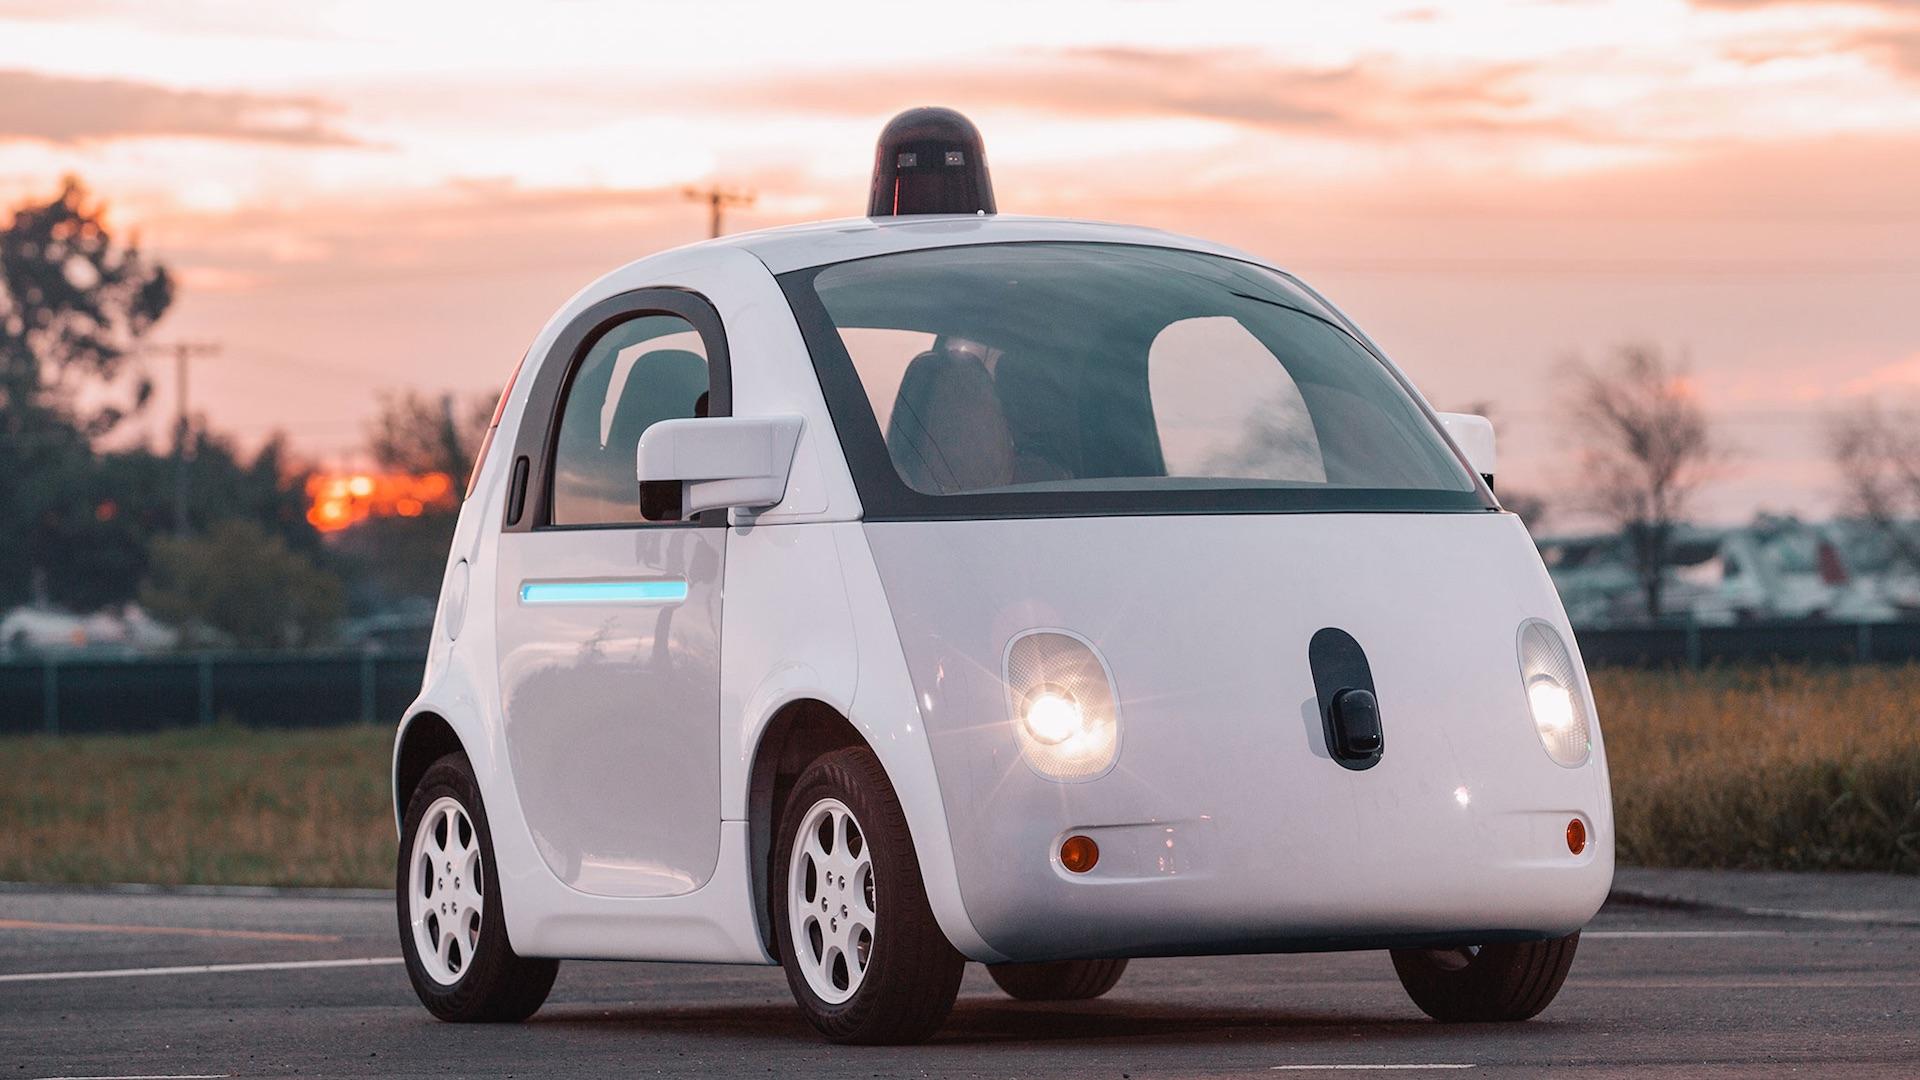 Comment la voiture autonome va changer nos sociétés